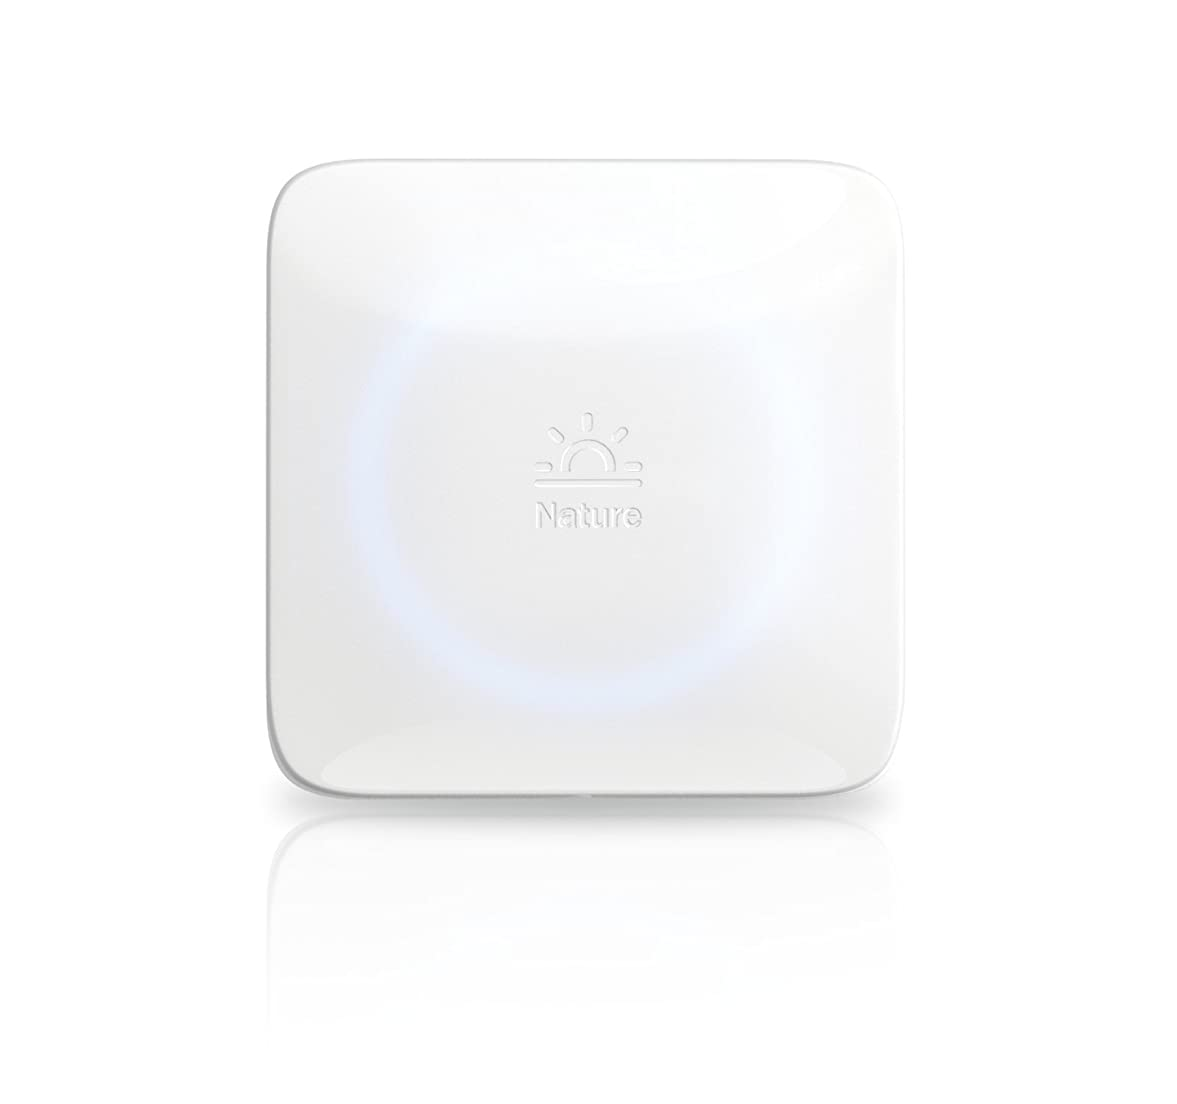 ディベート神経衰弱の間でLG ブルーレイプレーヤー フルHDアップコンバート アップスケーリング HDMIケーブル付属 Wi-Fi内蔵 コンパクトボディ BP350【国内正規品】